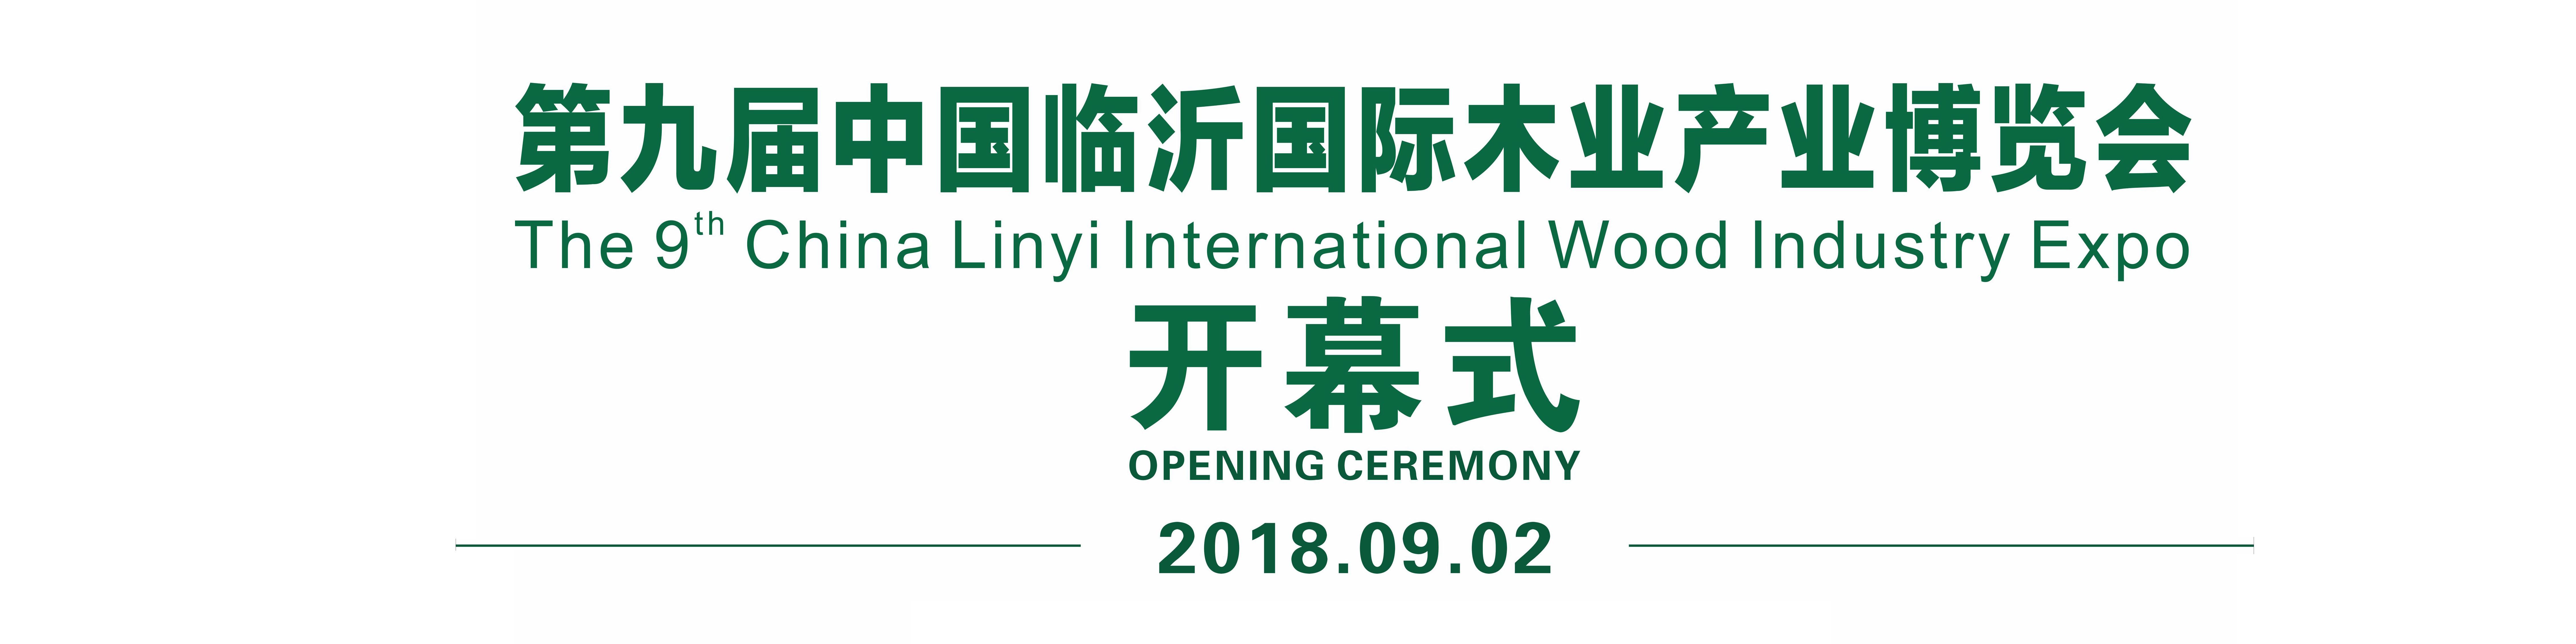 第九届中国临沂国际木业博览会